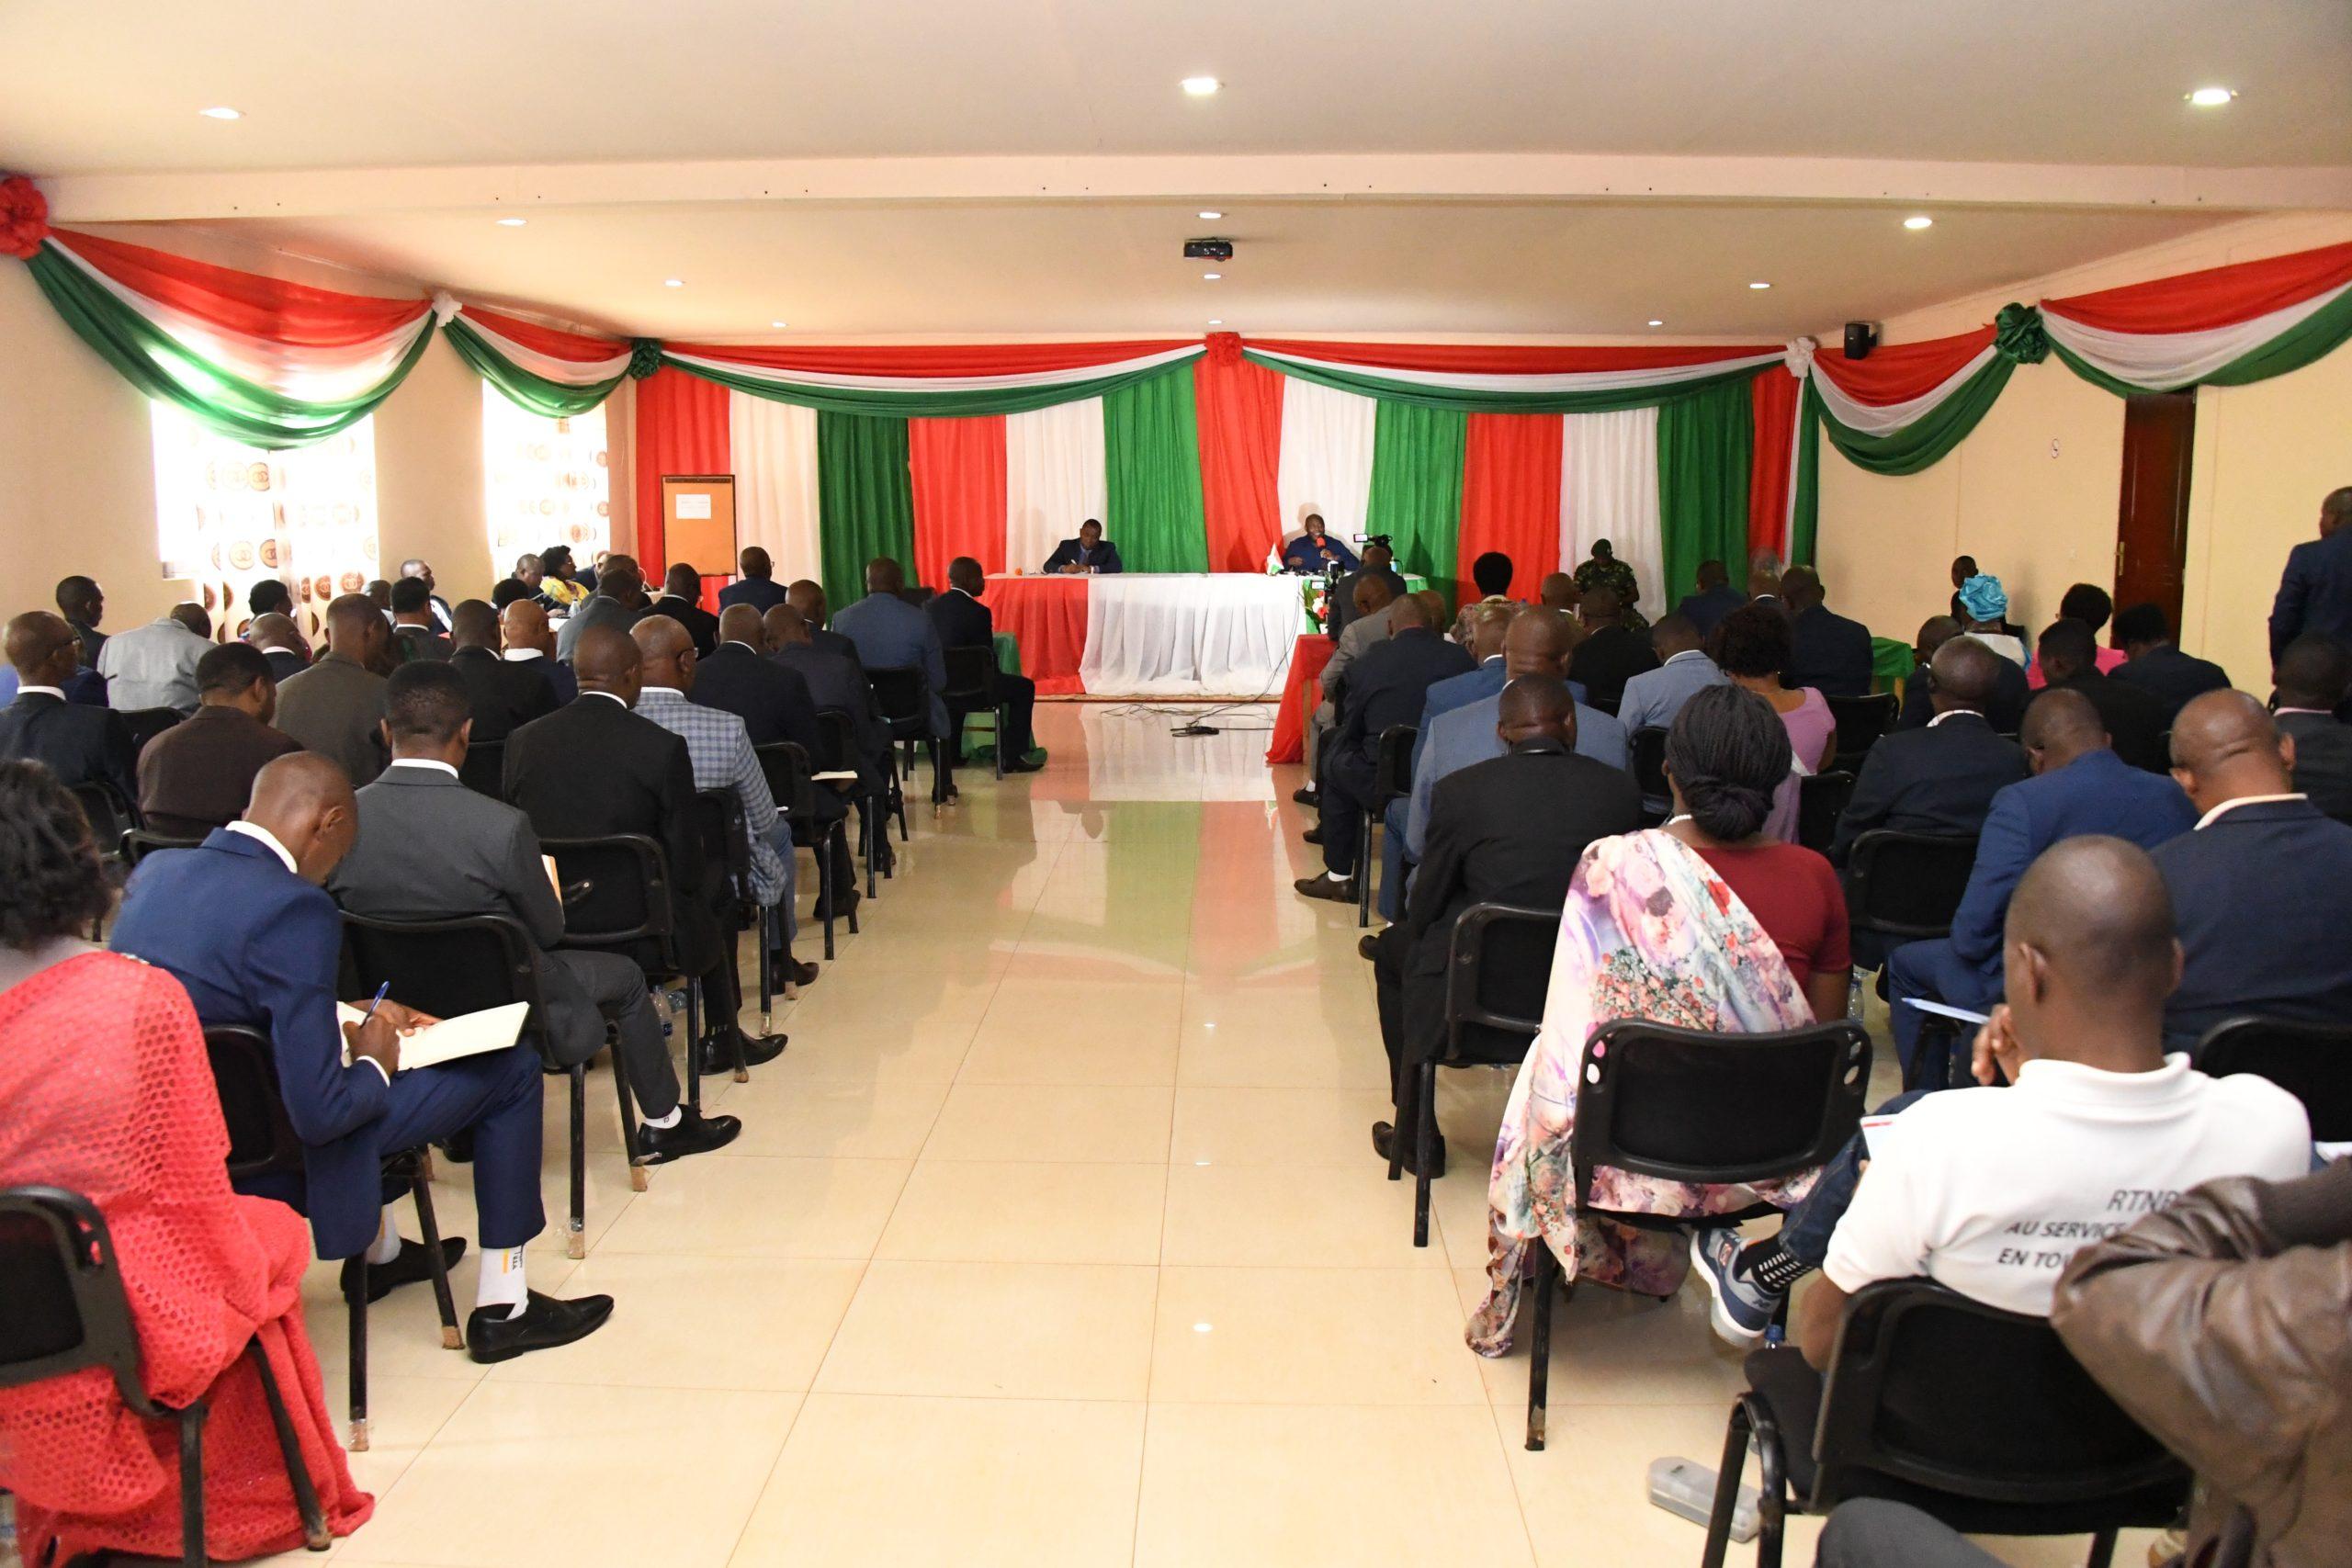 Les serviteurs de l'Etat  appelés à prendre conscience de leur devoir de résultats et d'exemplarité.